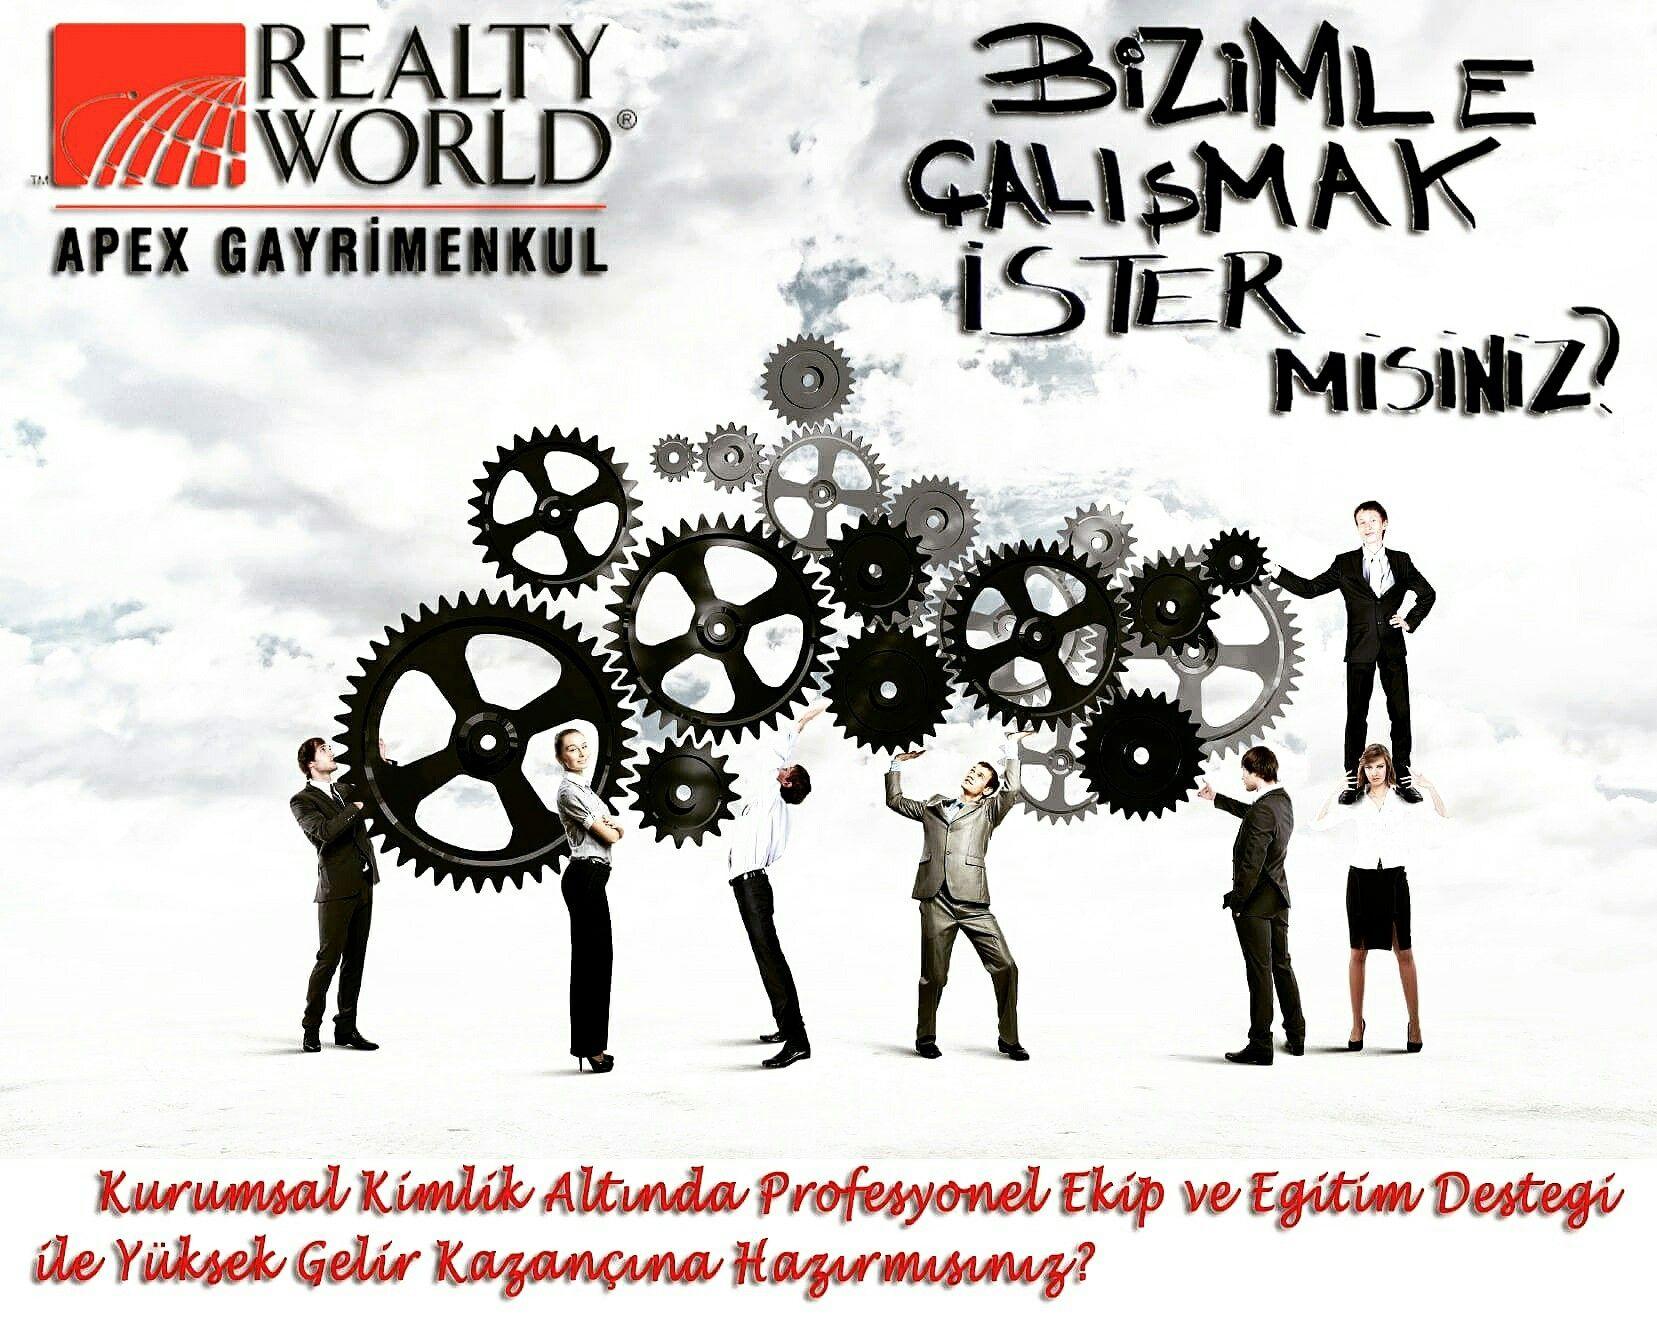 Konyaaltı Antalya Konyaaltı konumunda Realty World Apex